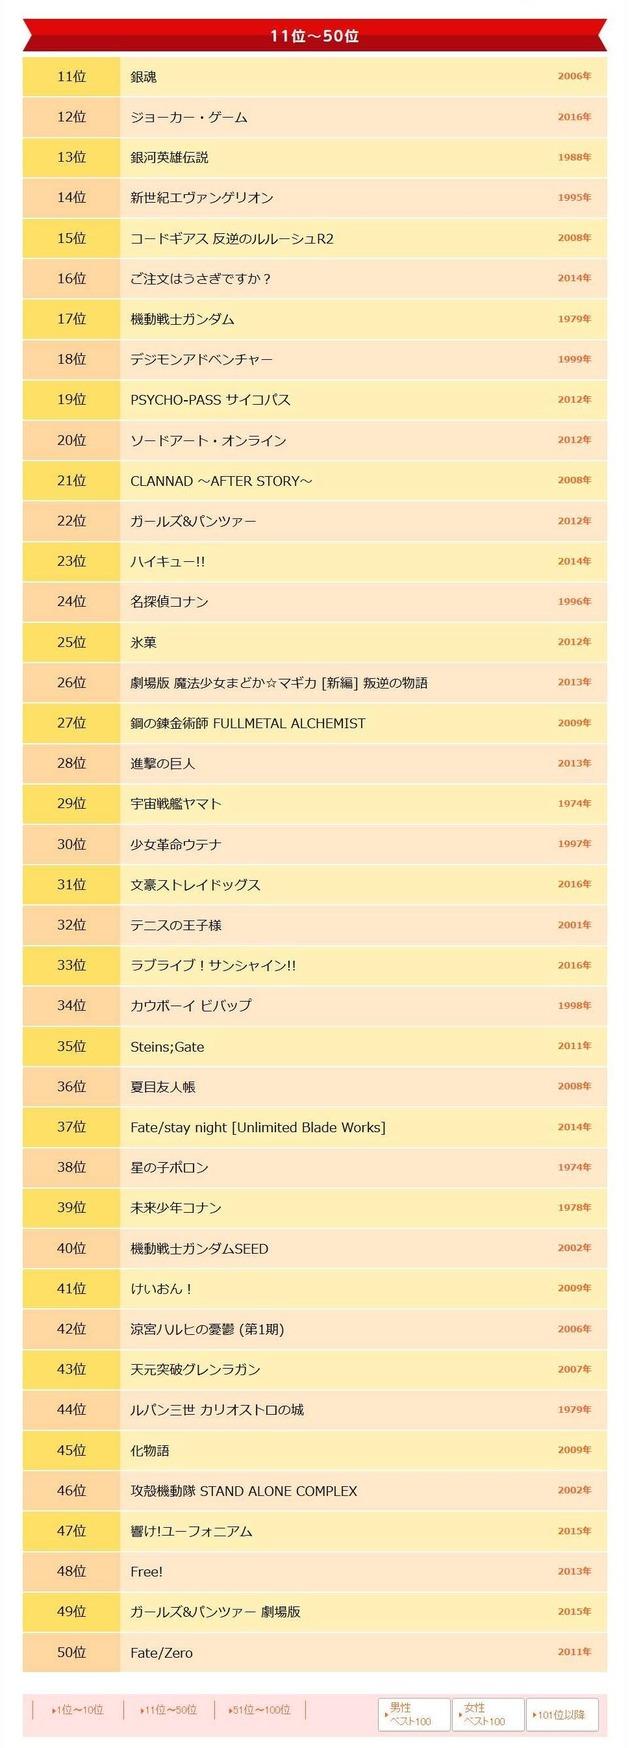 ベスト・アニメ100